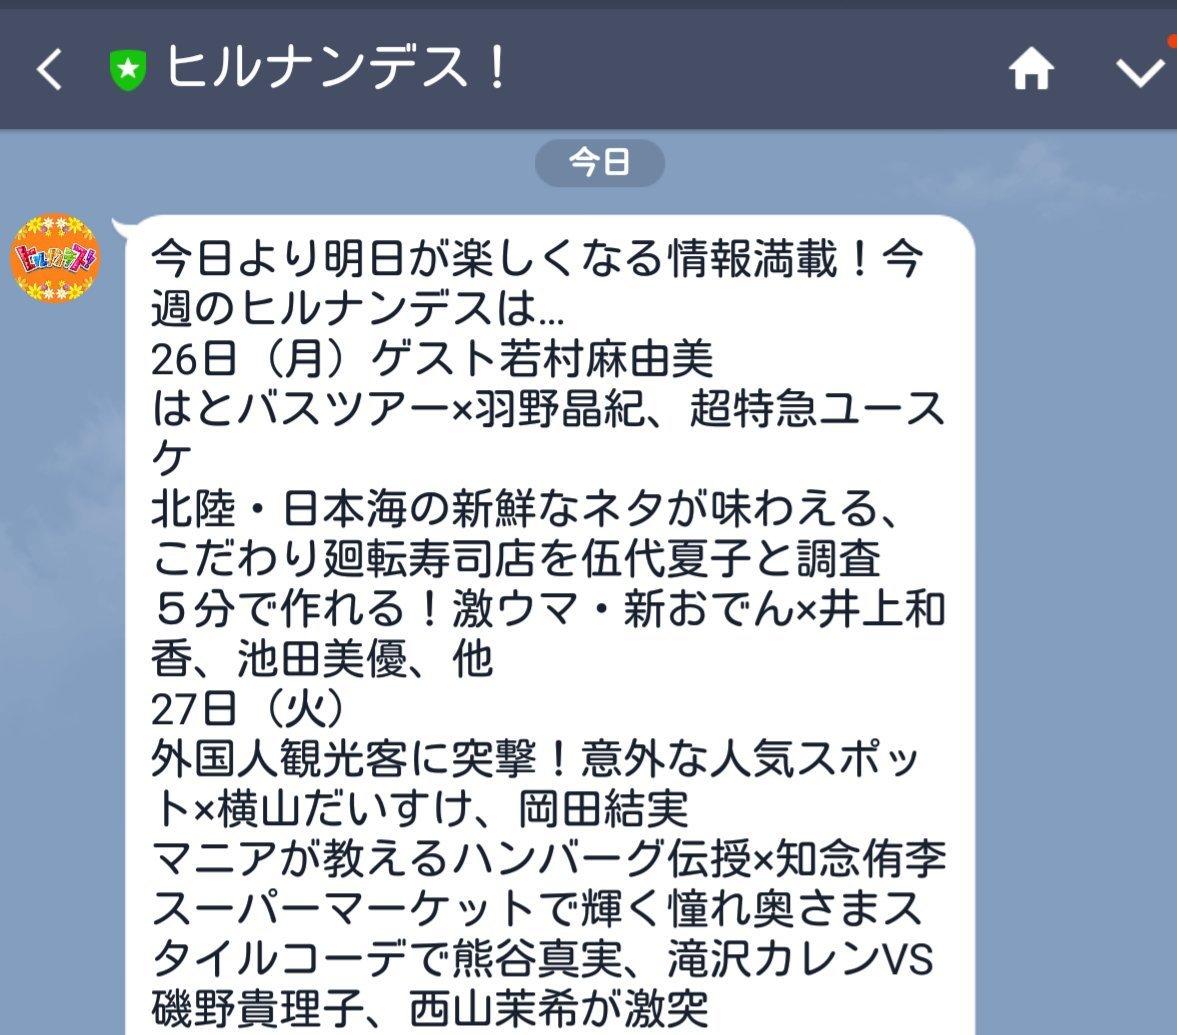 #ヒルナンデス Latest News Trends Updates Images - okaitsu213